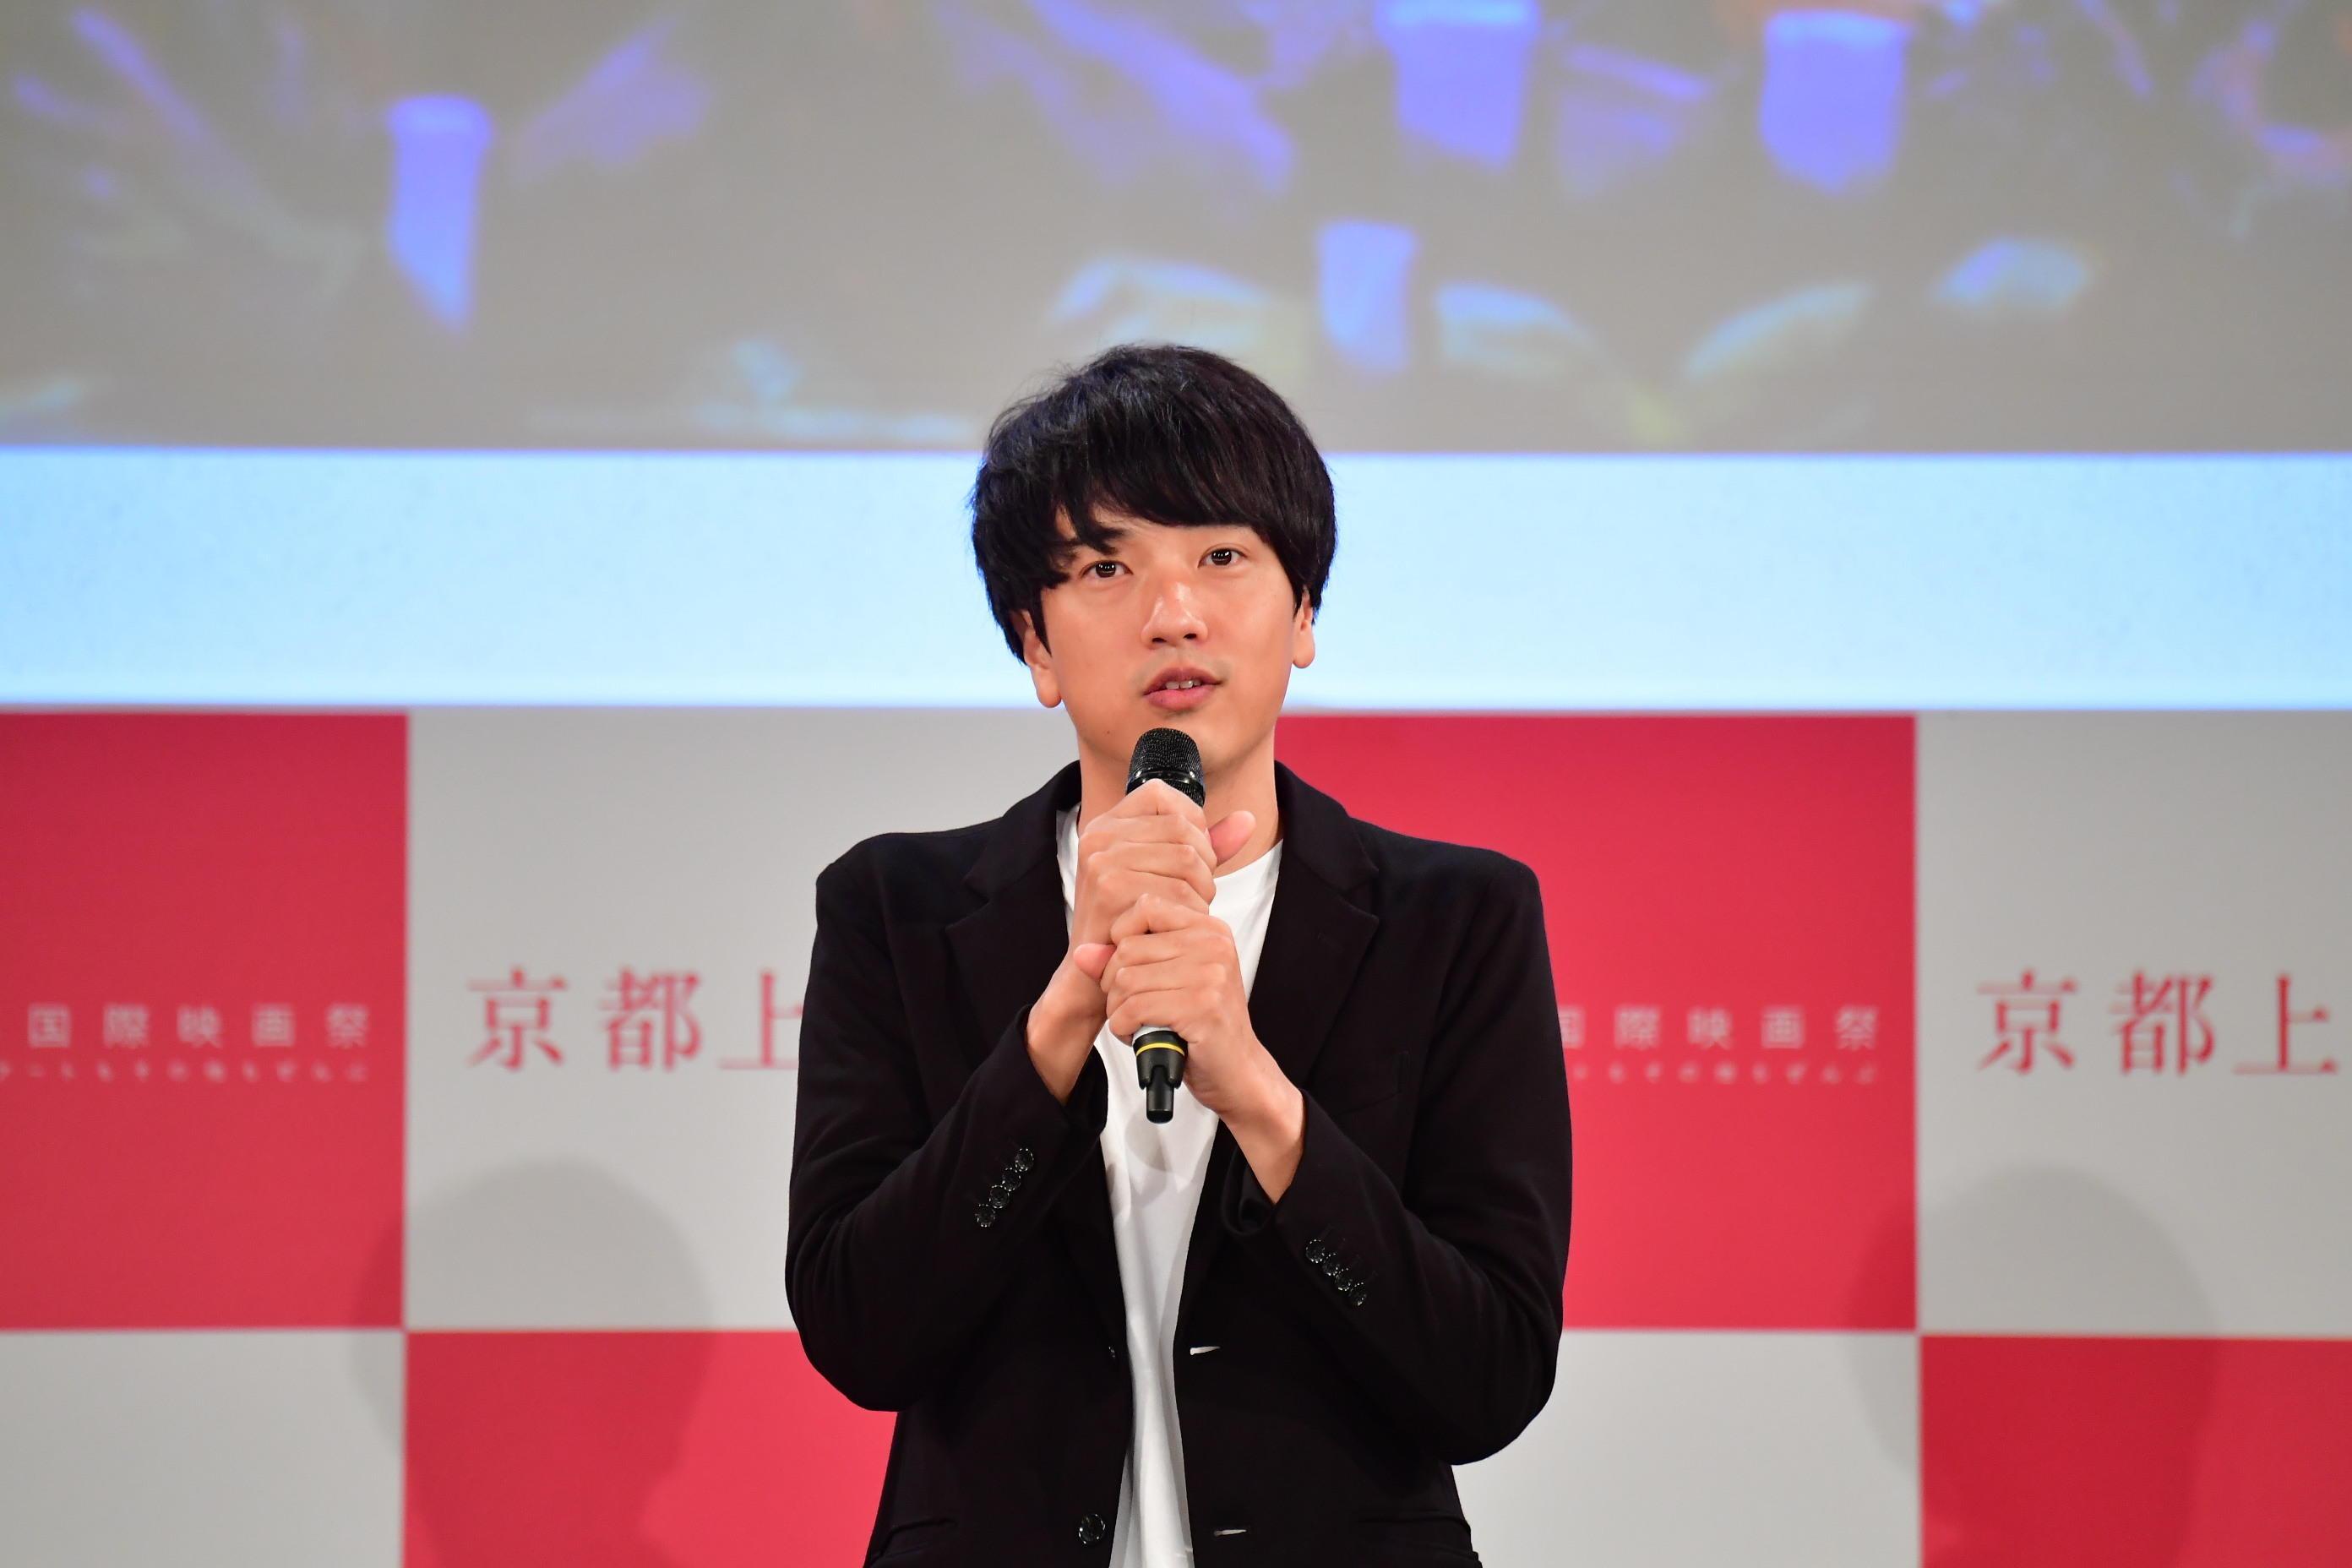 http://news.yoshimoto.co.jp/20180903233140-a364f3ad945289063cc8d1d59b9304f220c6006a.jpg